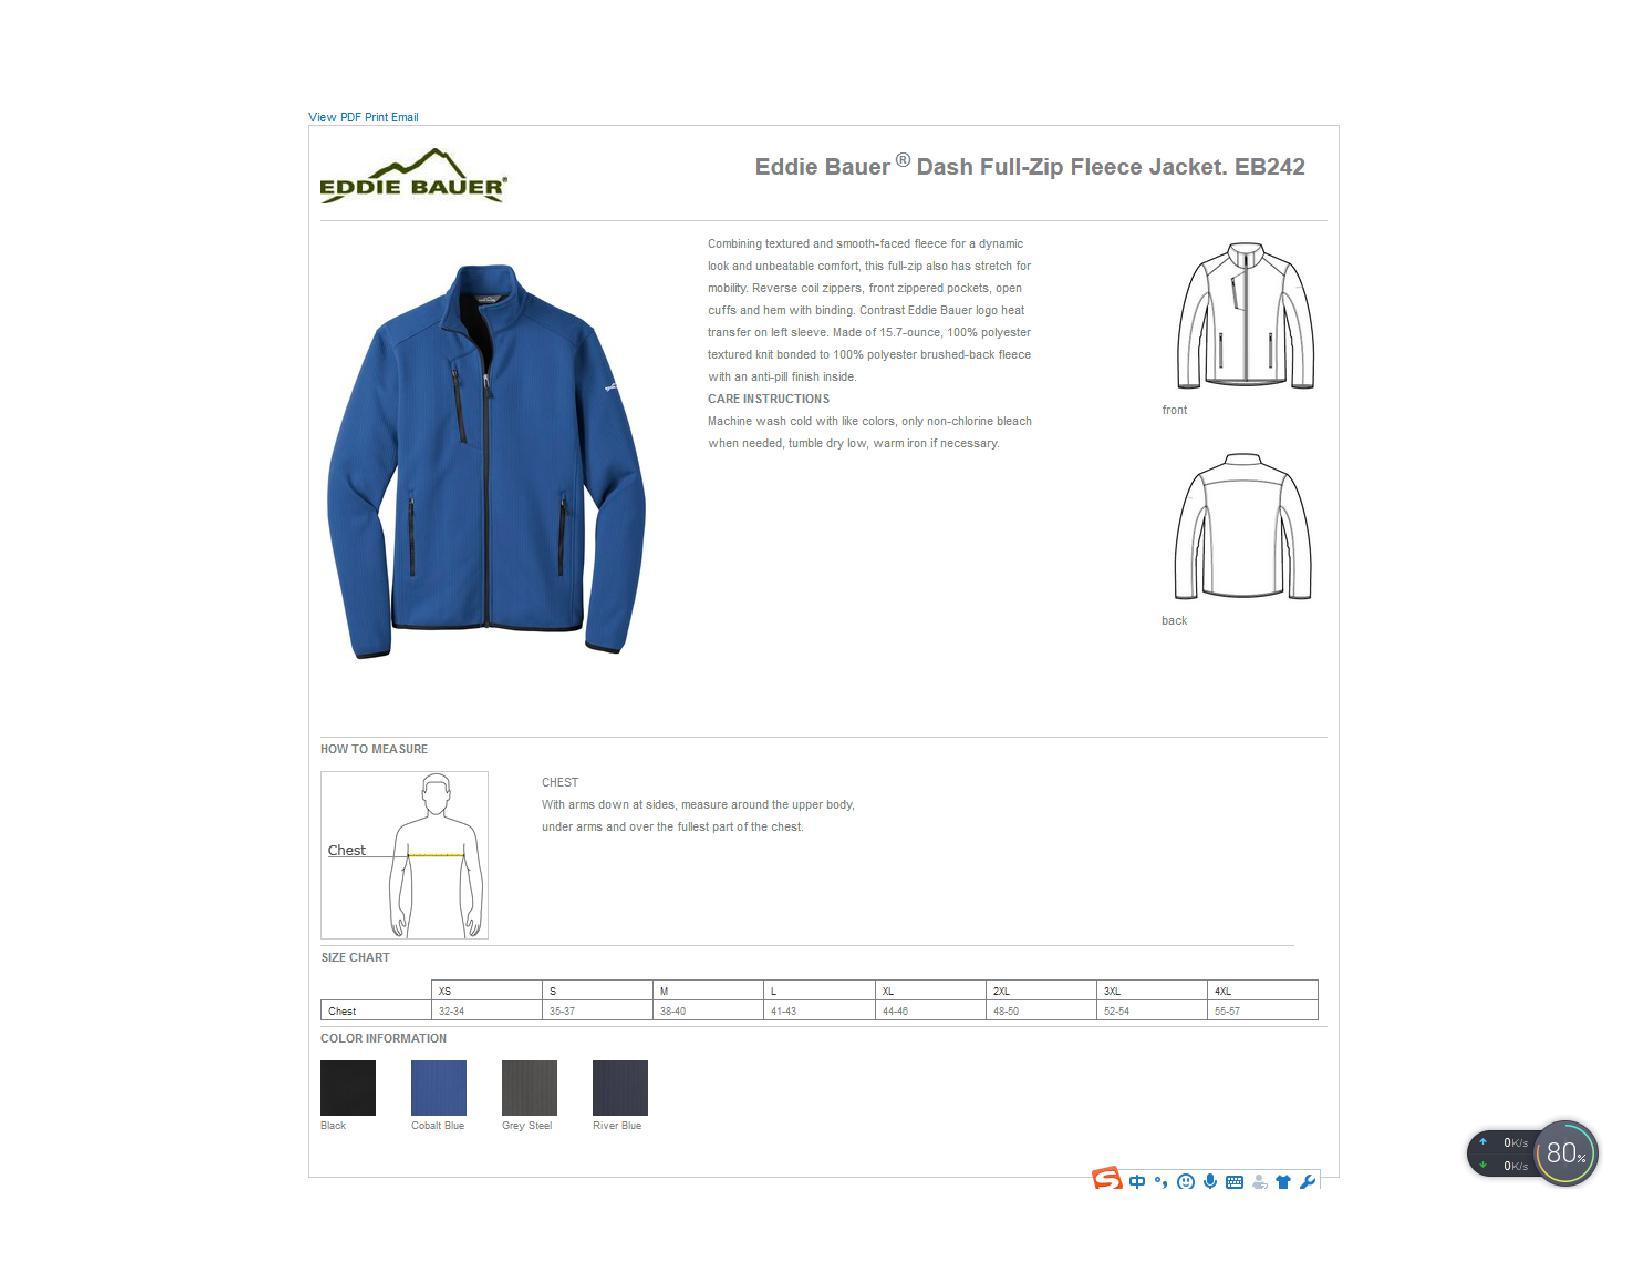 c7bb6d6395a Eddie Bauer EB242 - Men s Dash Full-Zip Fleece Jacket  53.98 - Men s ...